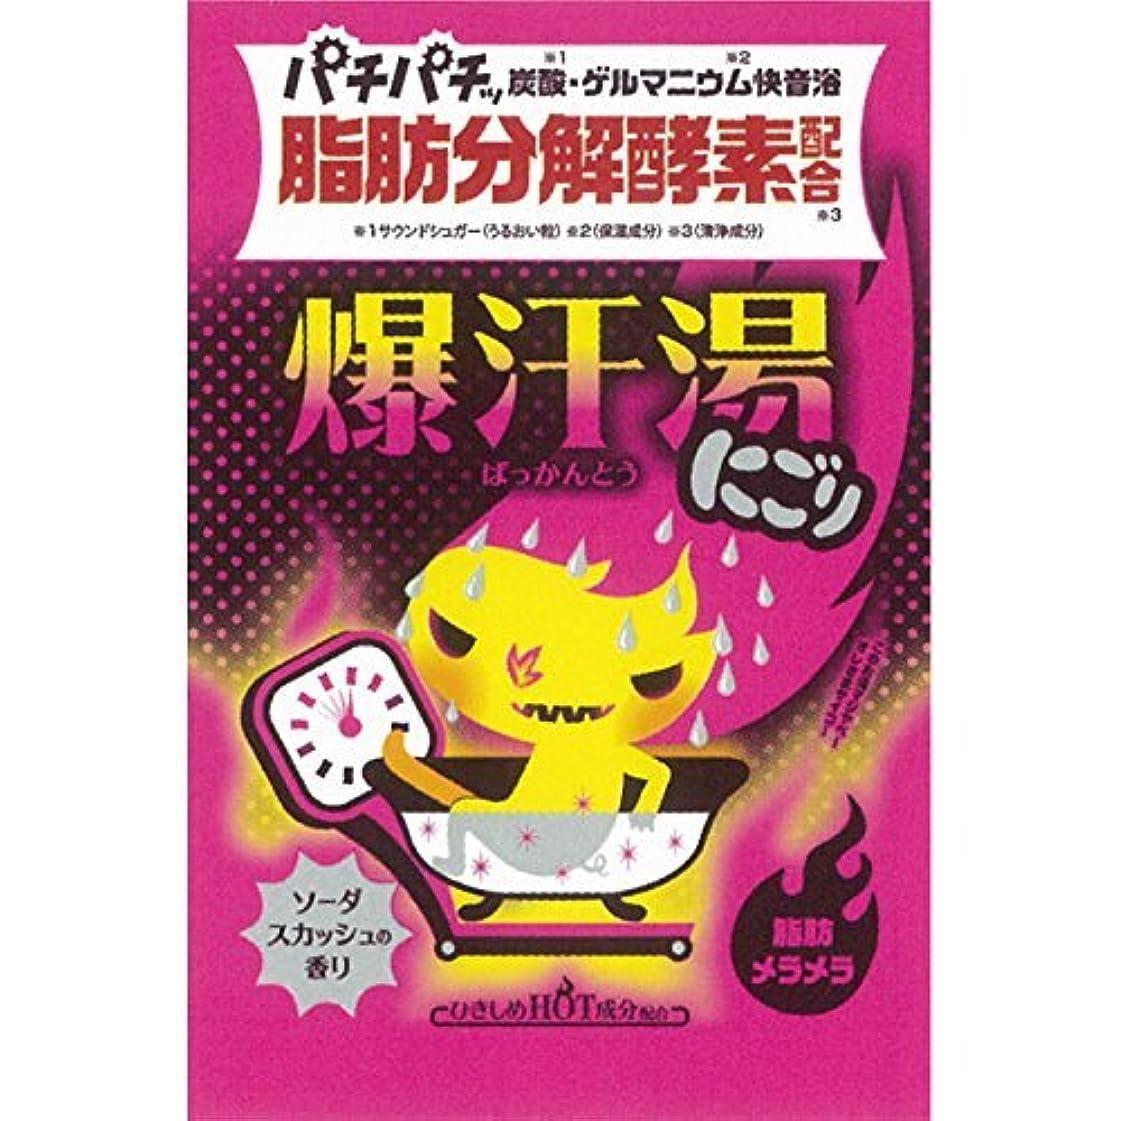 あらゆる種類の呪われた推定する爆汗湯 ゲルマニウム快音浴 にごり ソーダスカッシュの香り(入浴剤)